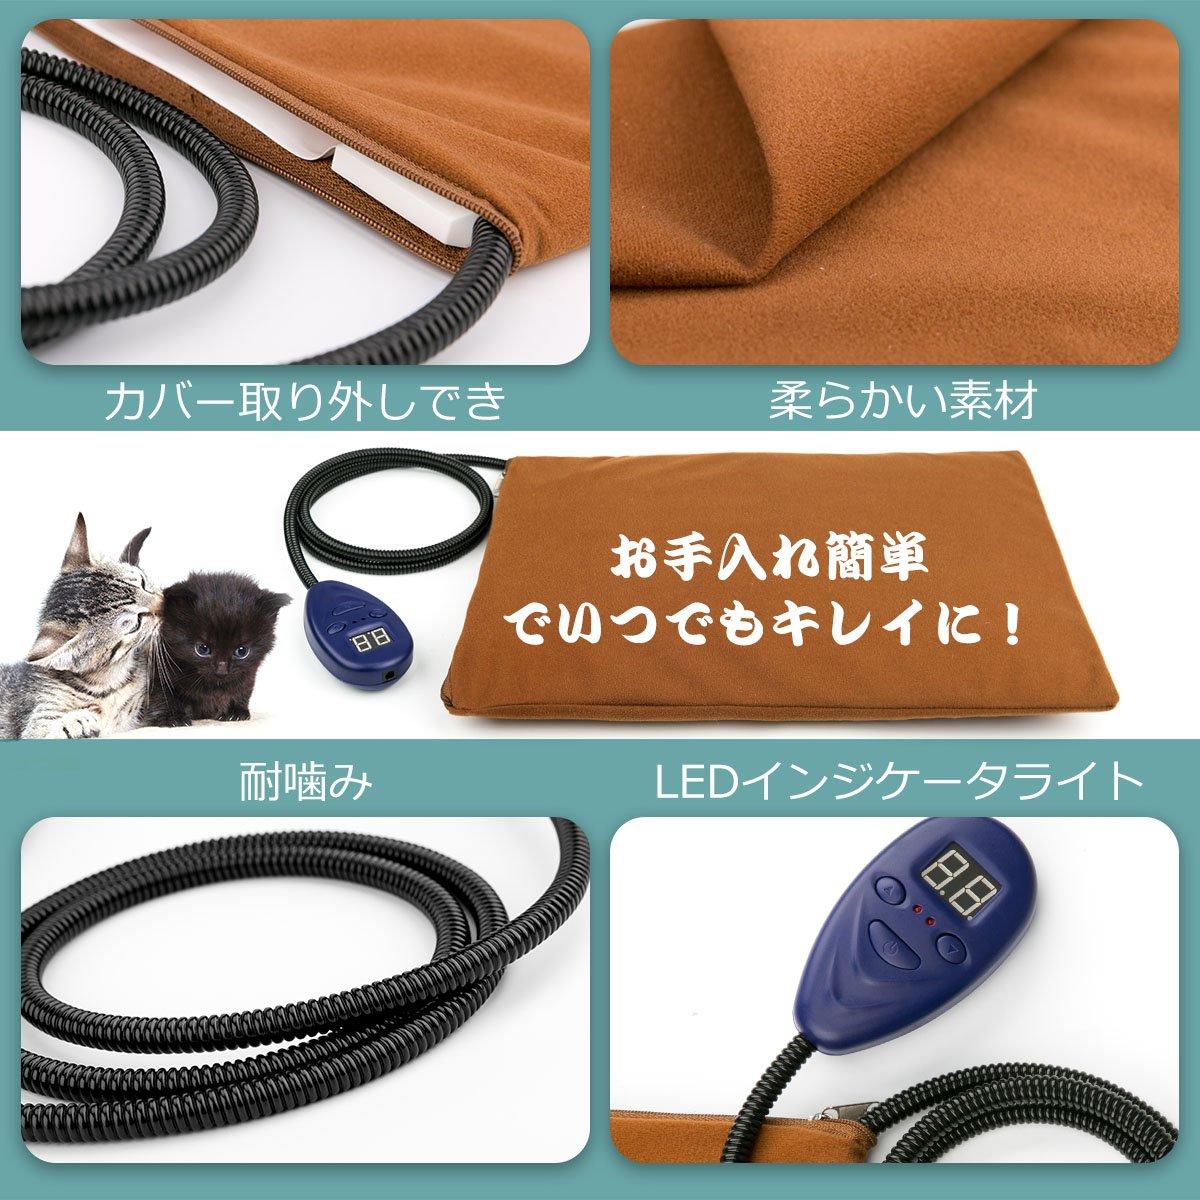 ペット用ホットカーペット  犬猫 寒さ対策 7段階温度調節可能  省エネ 過熱保護機能付き カバー取り外し洗濯可能【CE UL PSE RoHS認証済み 12ヶ月保証】